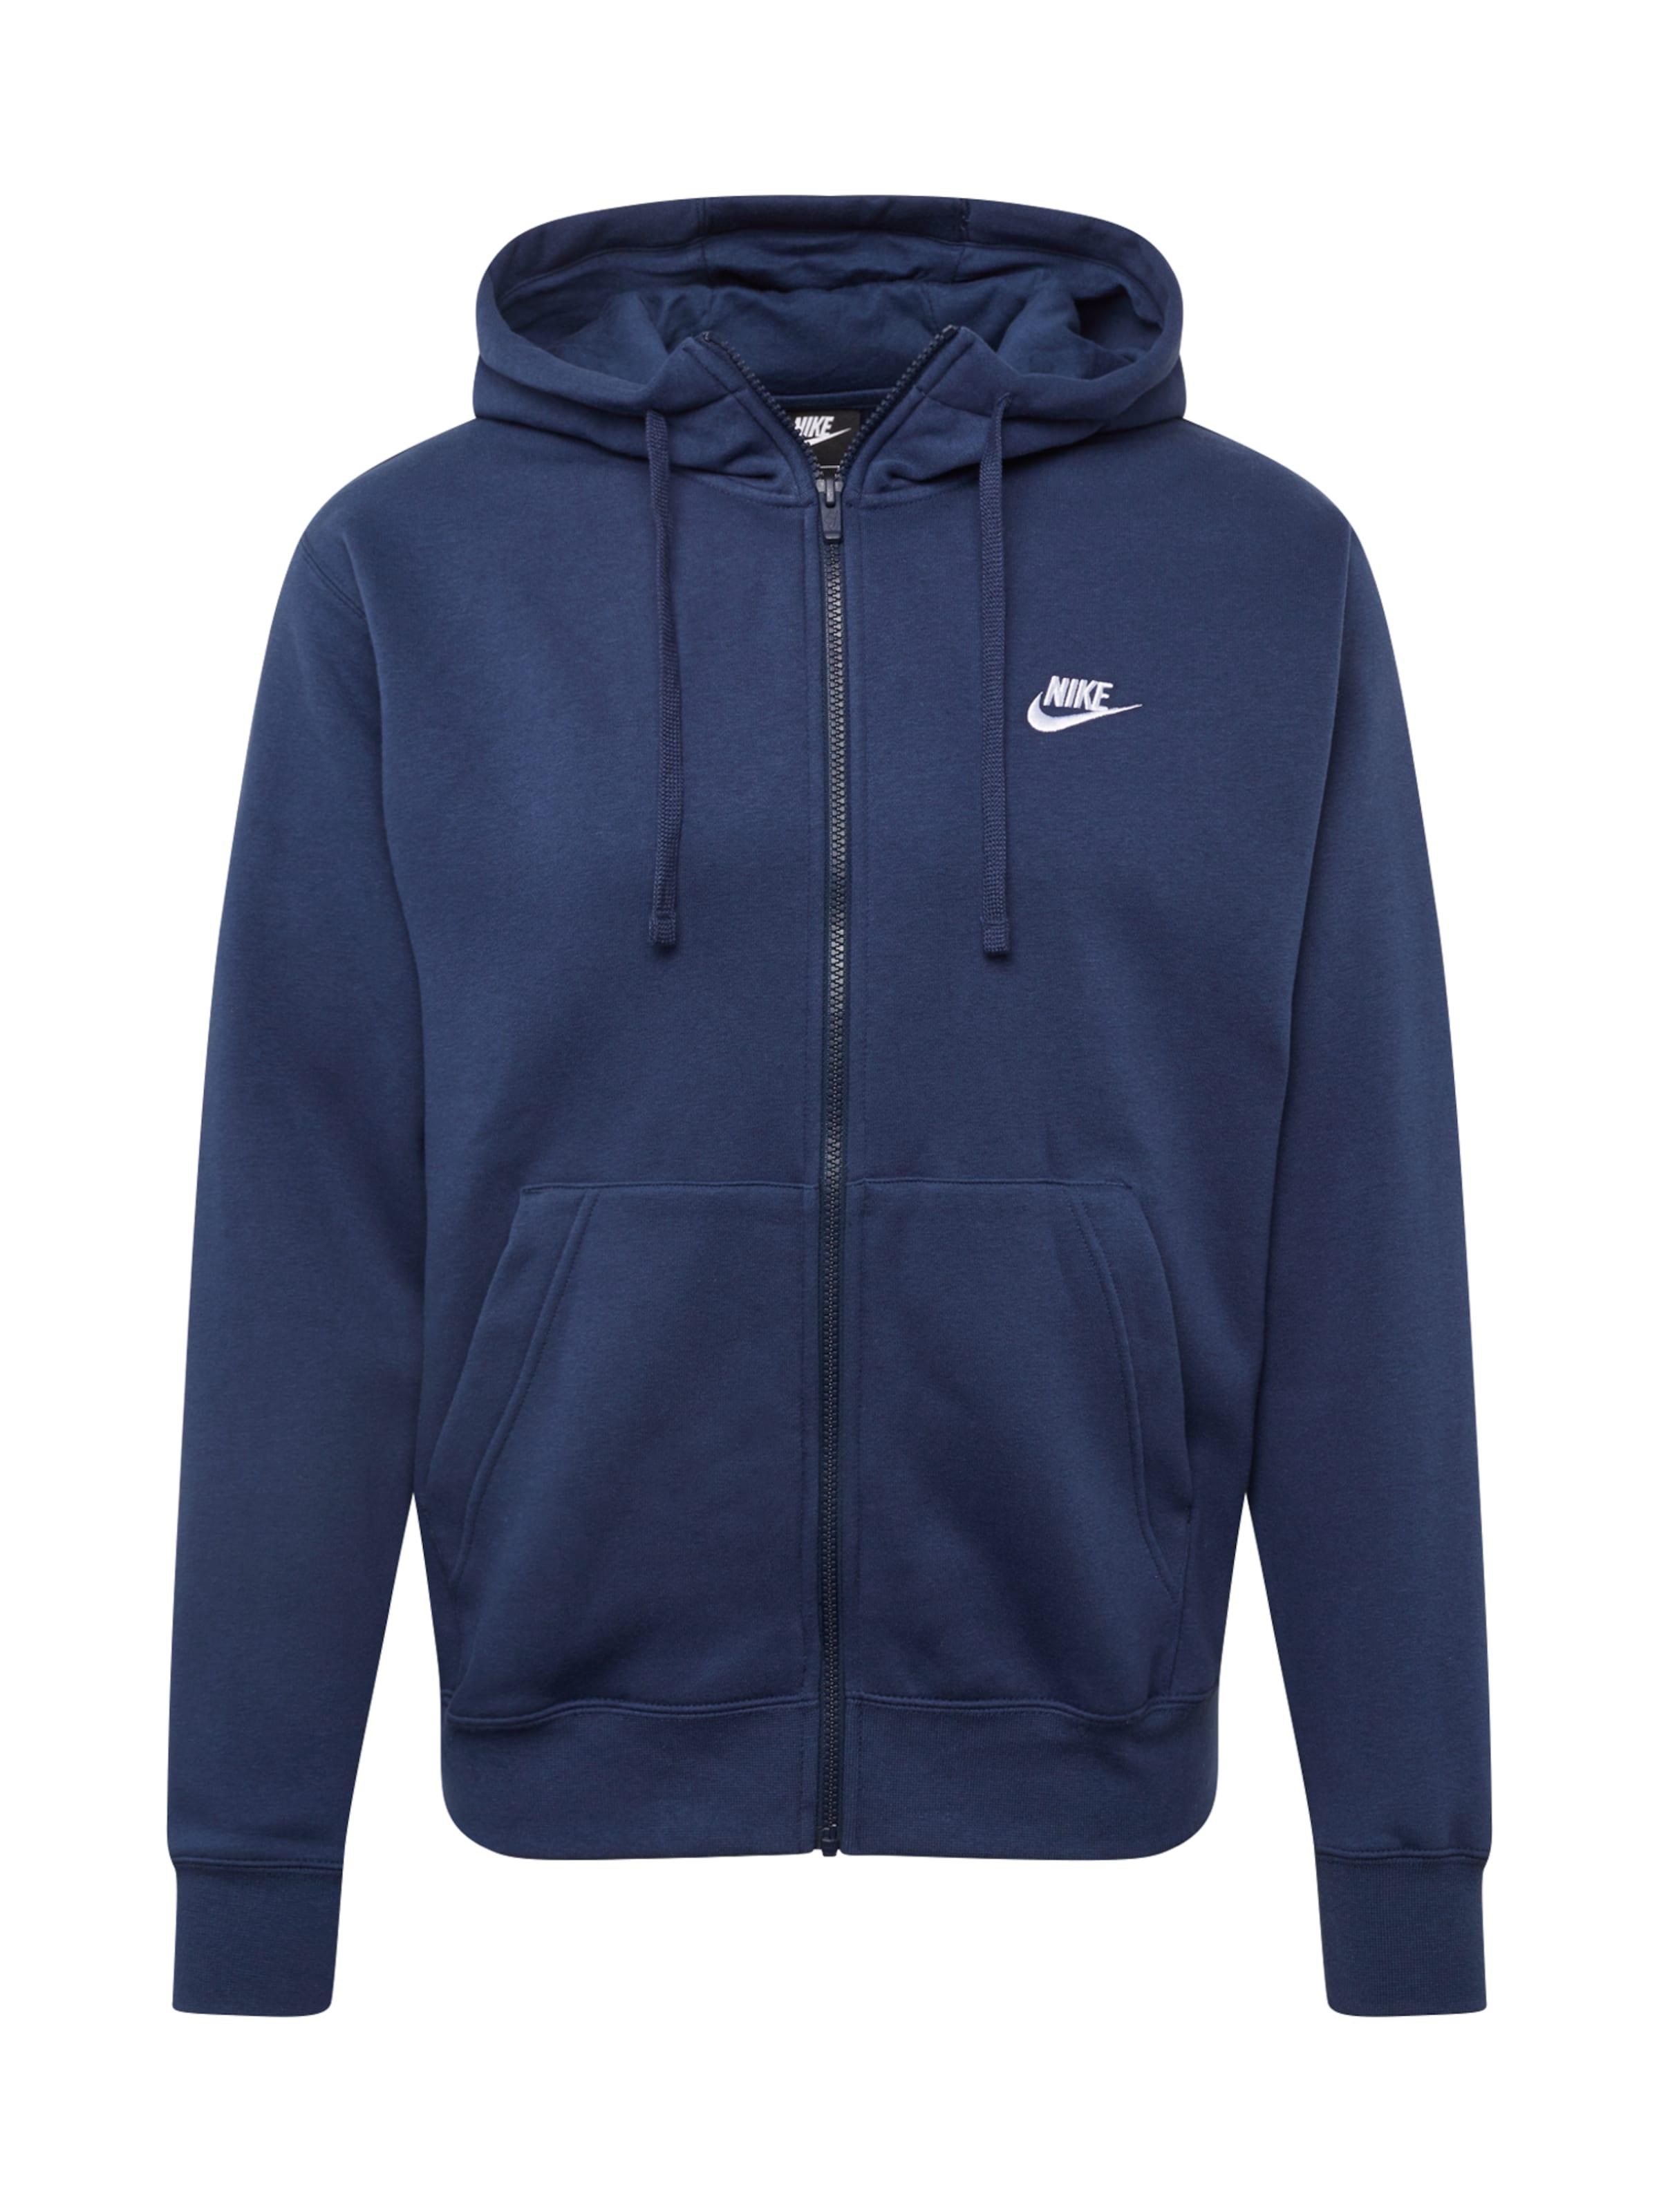 De Nike Veste Foncé Sportswear Survêtement Vert En zMSUpV